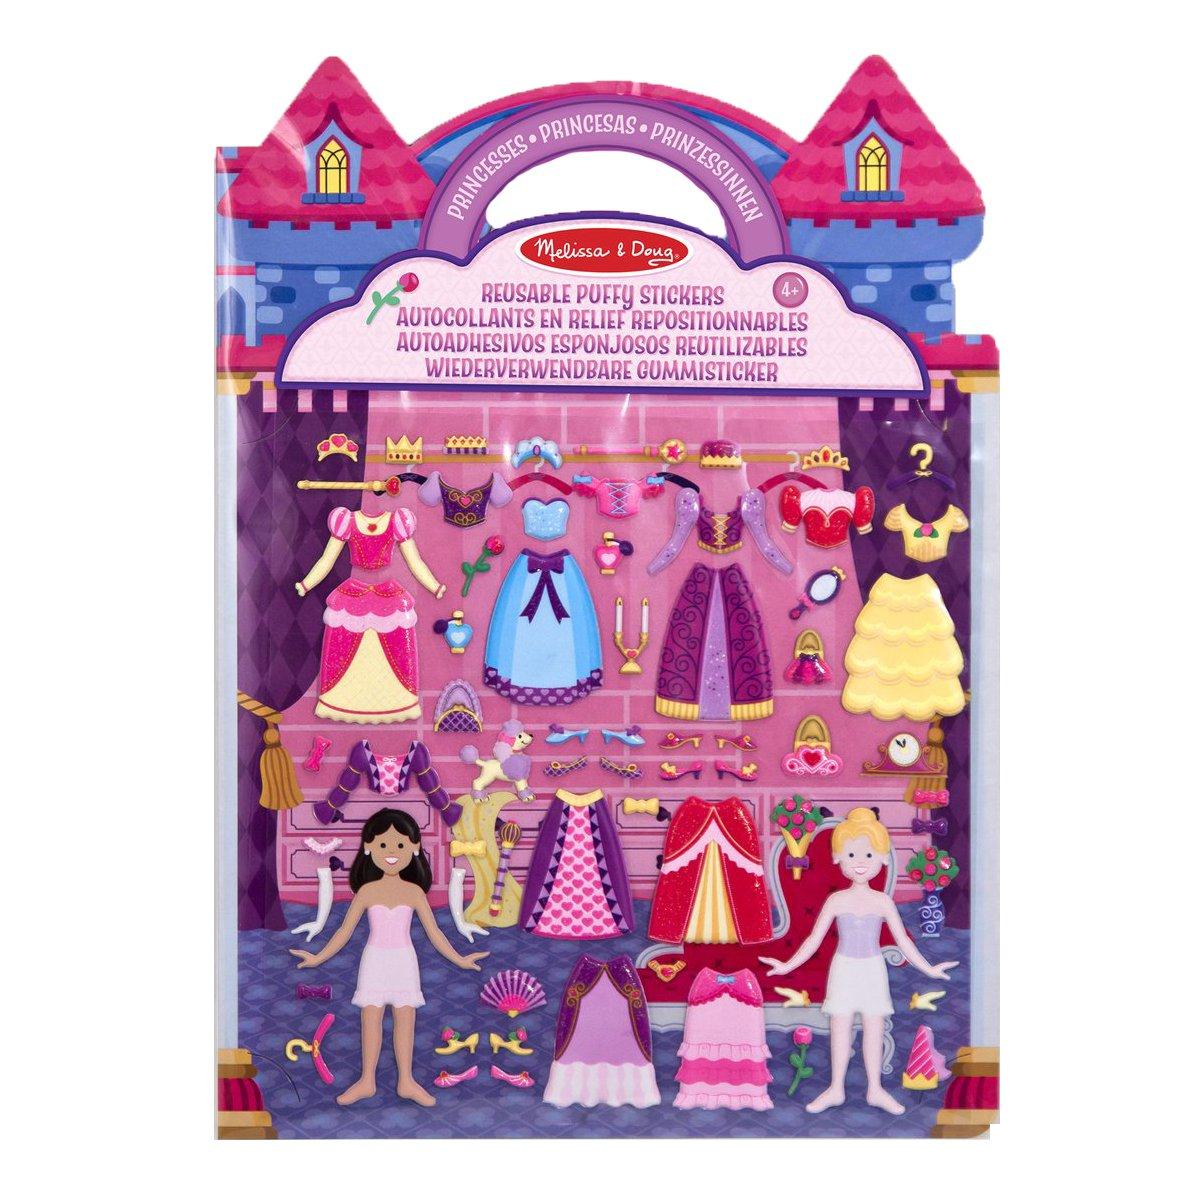 Melissa & Doug 19100 - Autoadhesivos esponjosos reutilizables princesas